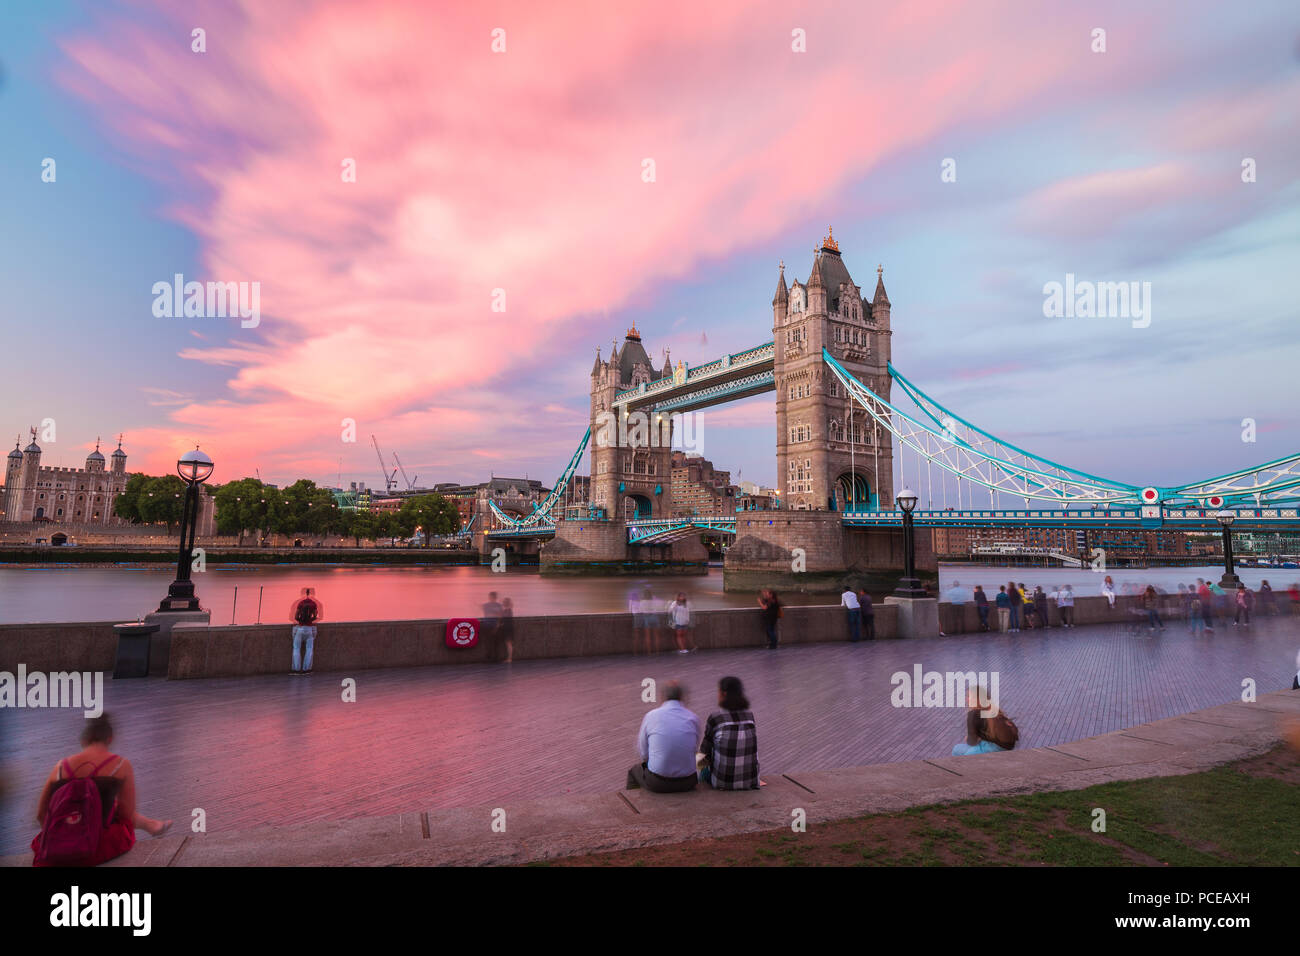 London, Regno Unito: il mondo famoso Tower bridge tiro da diversa angolazione e potenziali Immagini Stock